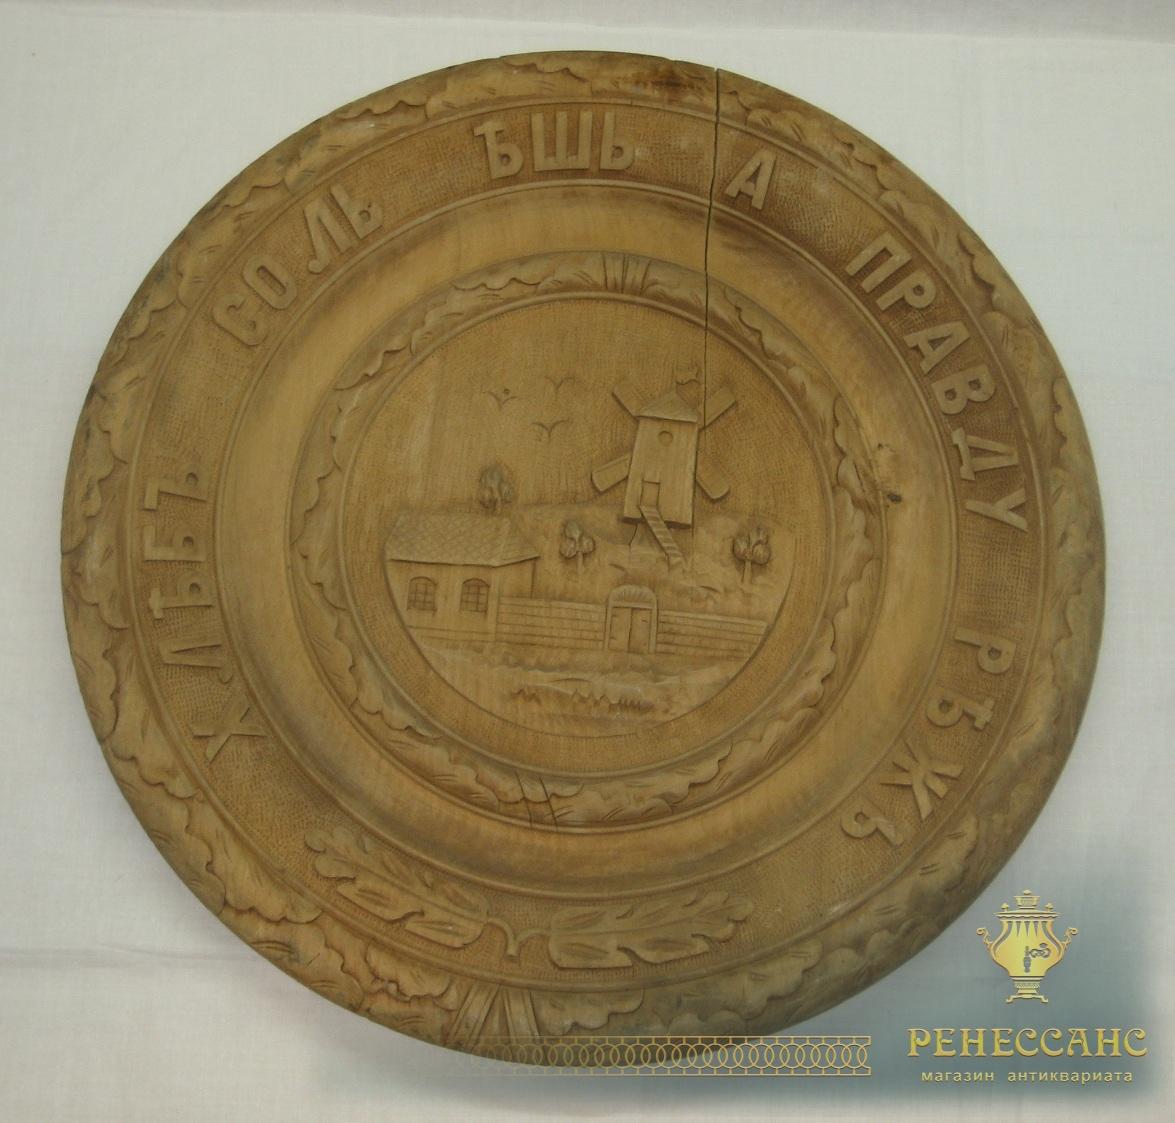 Тарелка старинная настенная, большая, с поговоркой, Россия 19 век №2884